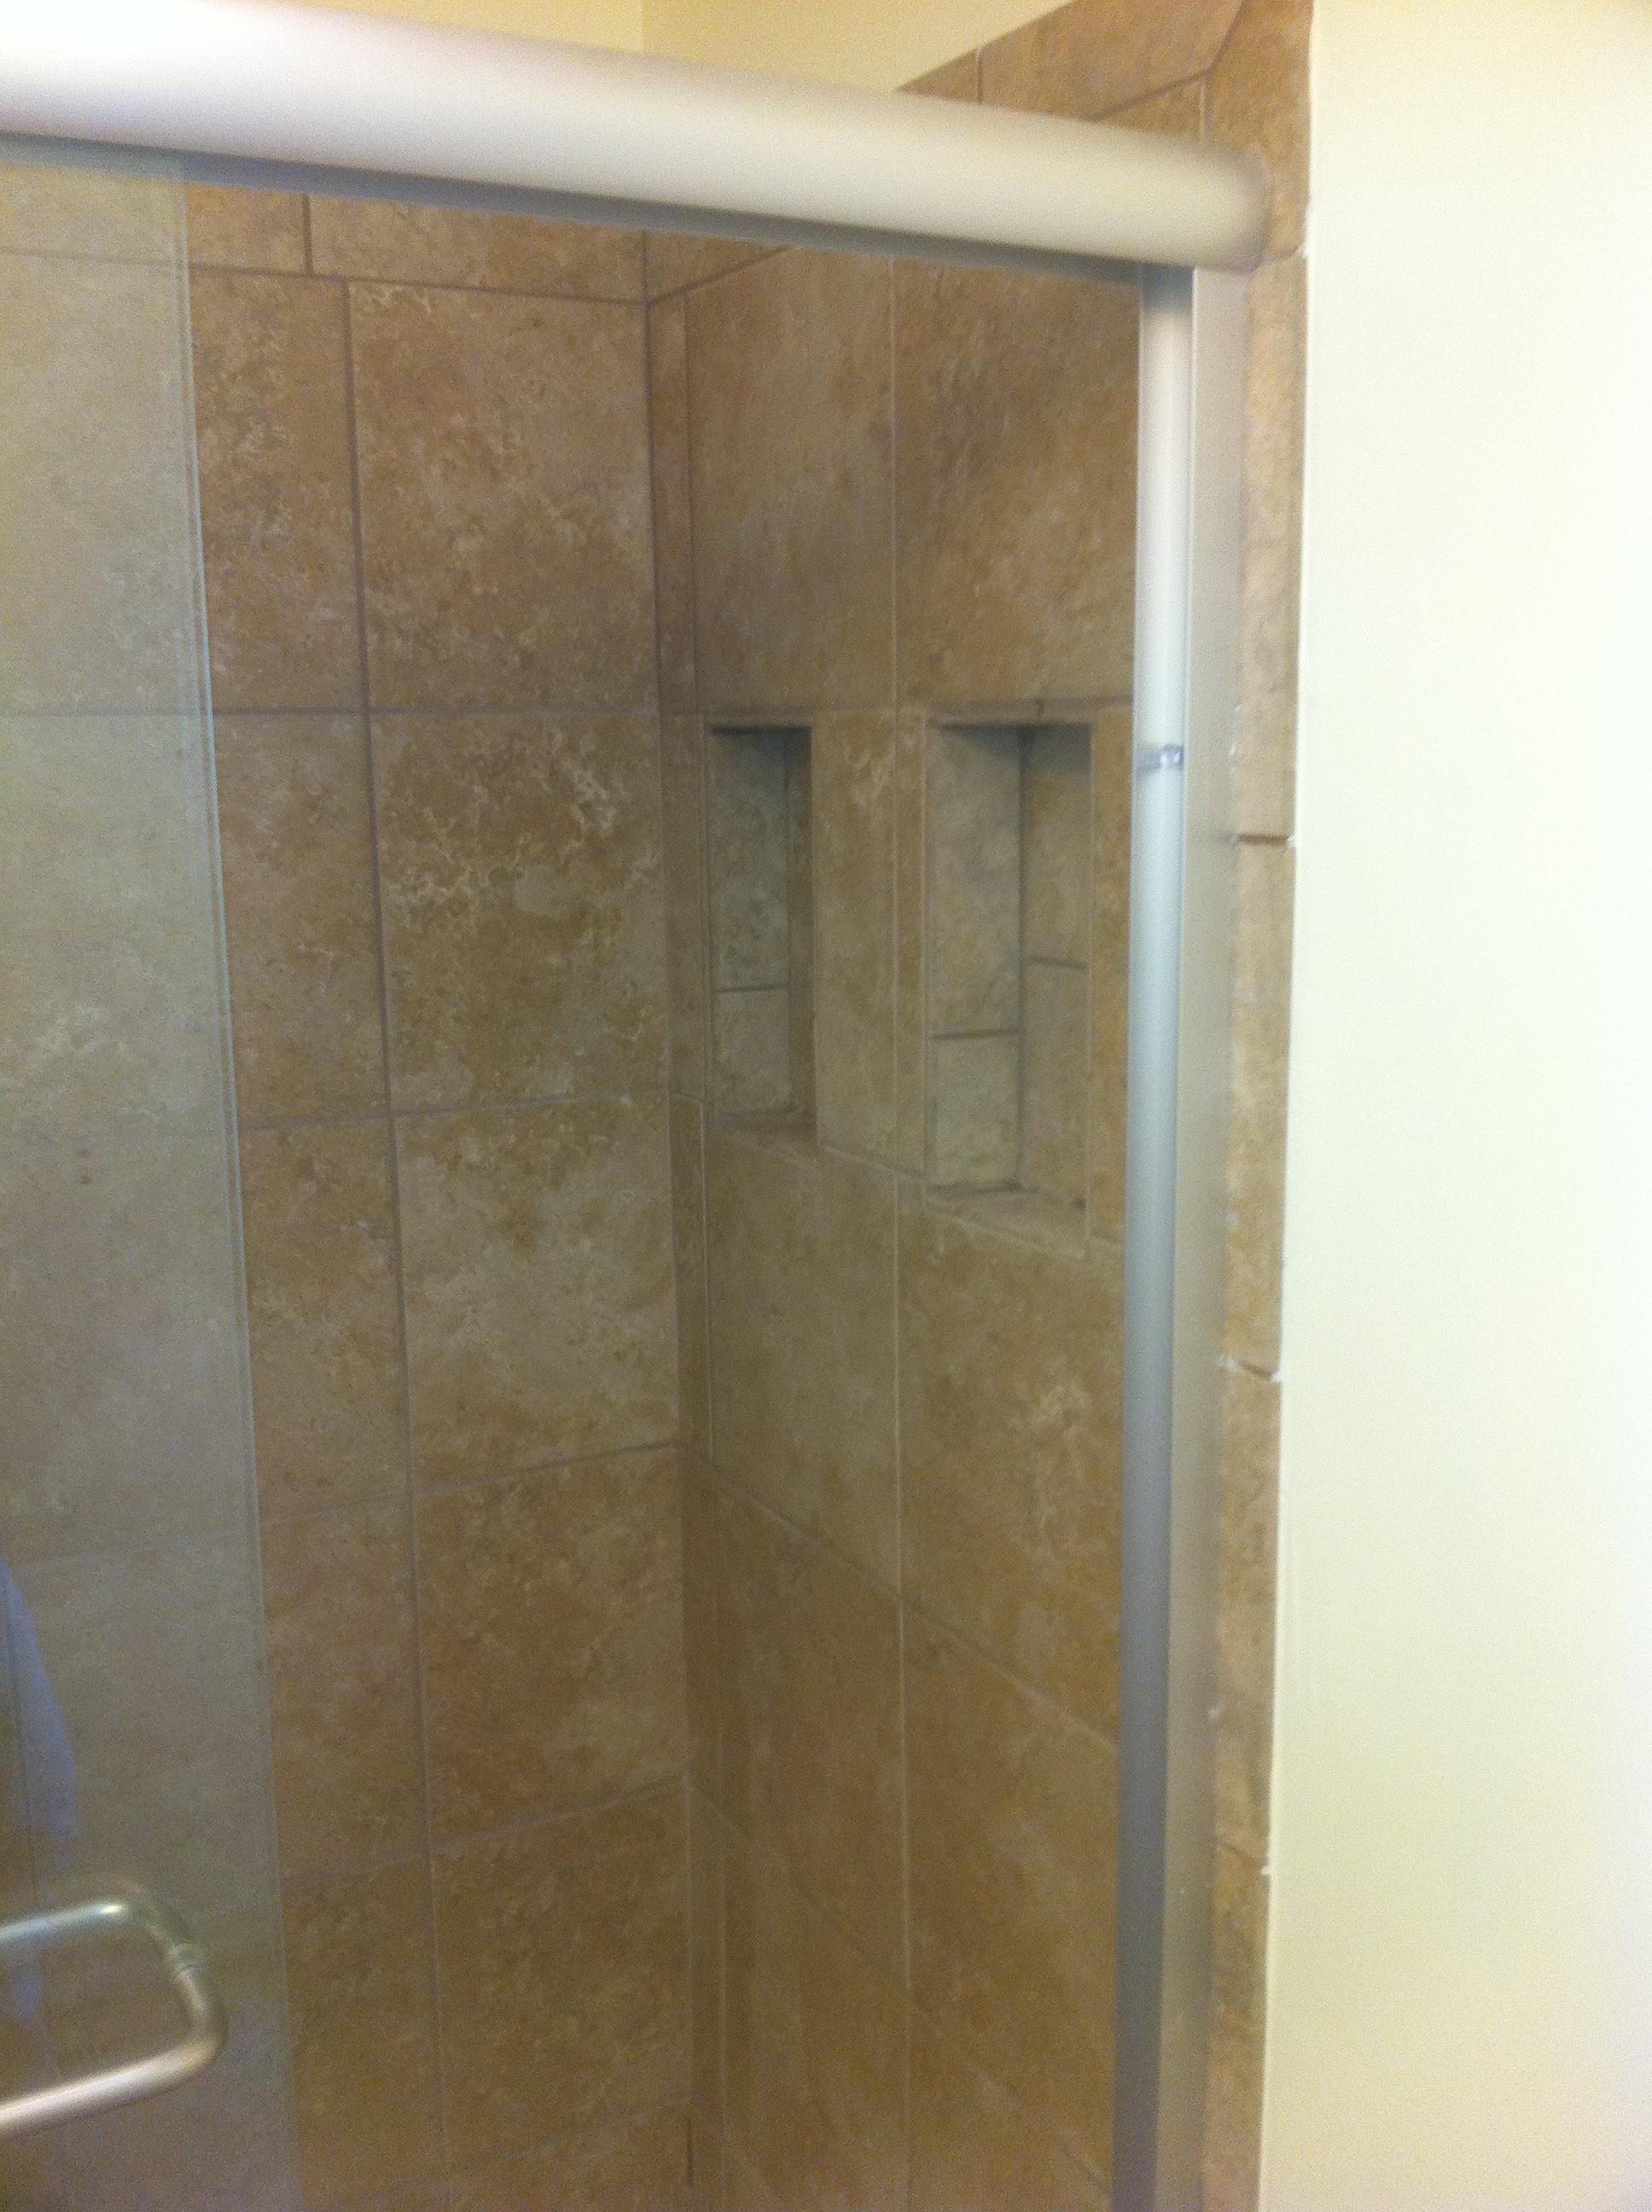 Opposite tile wall